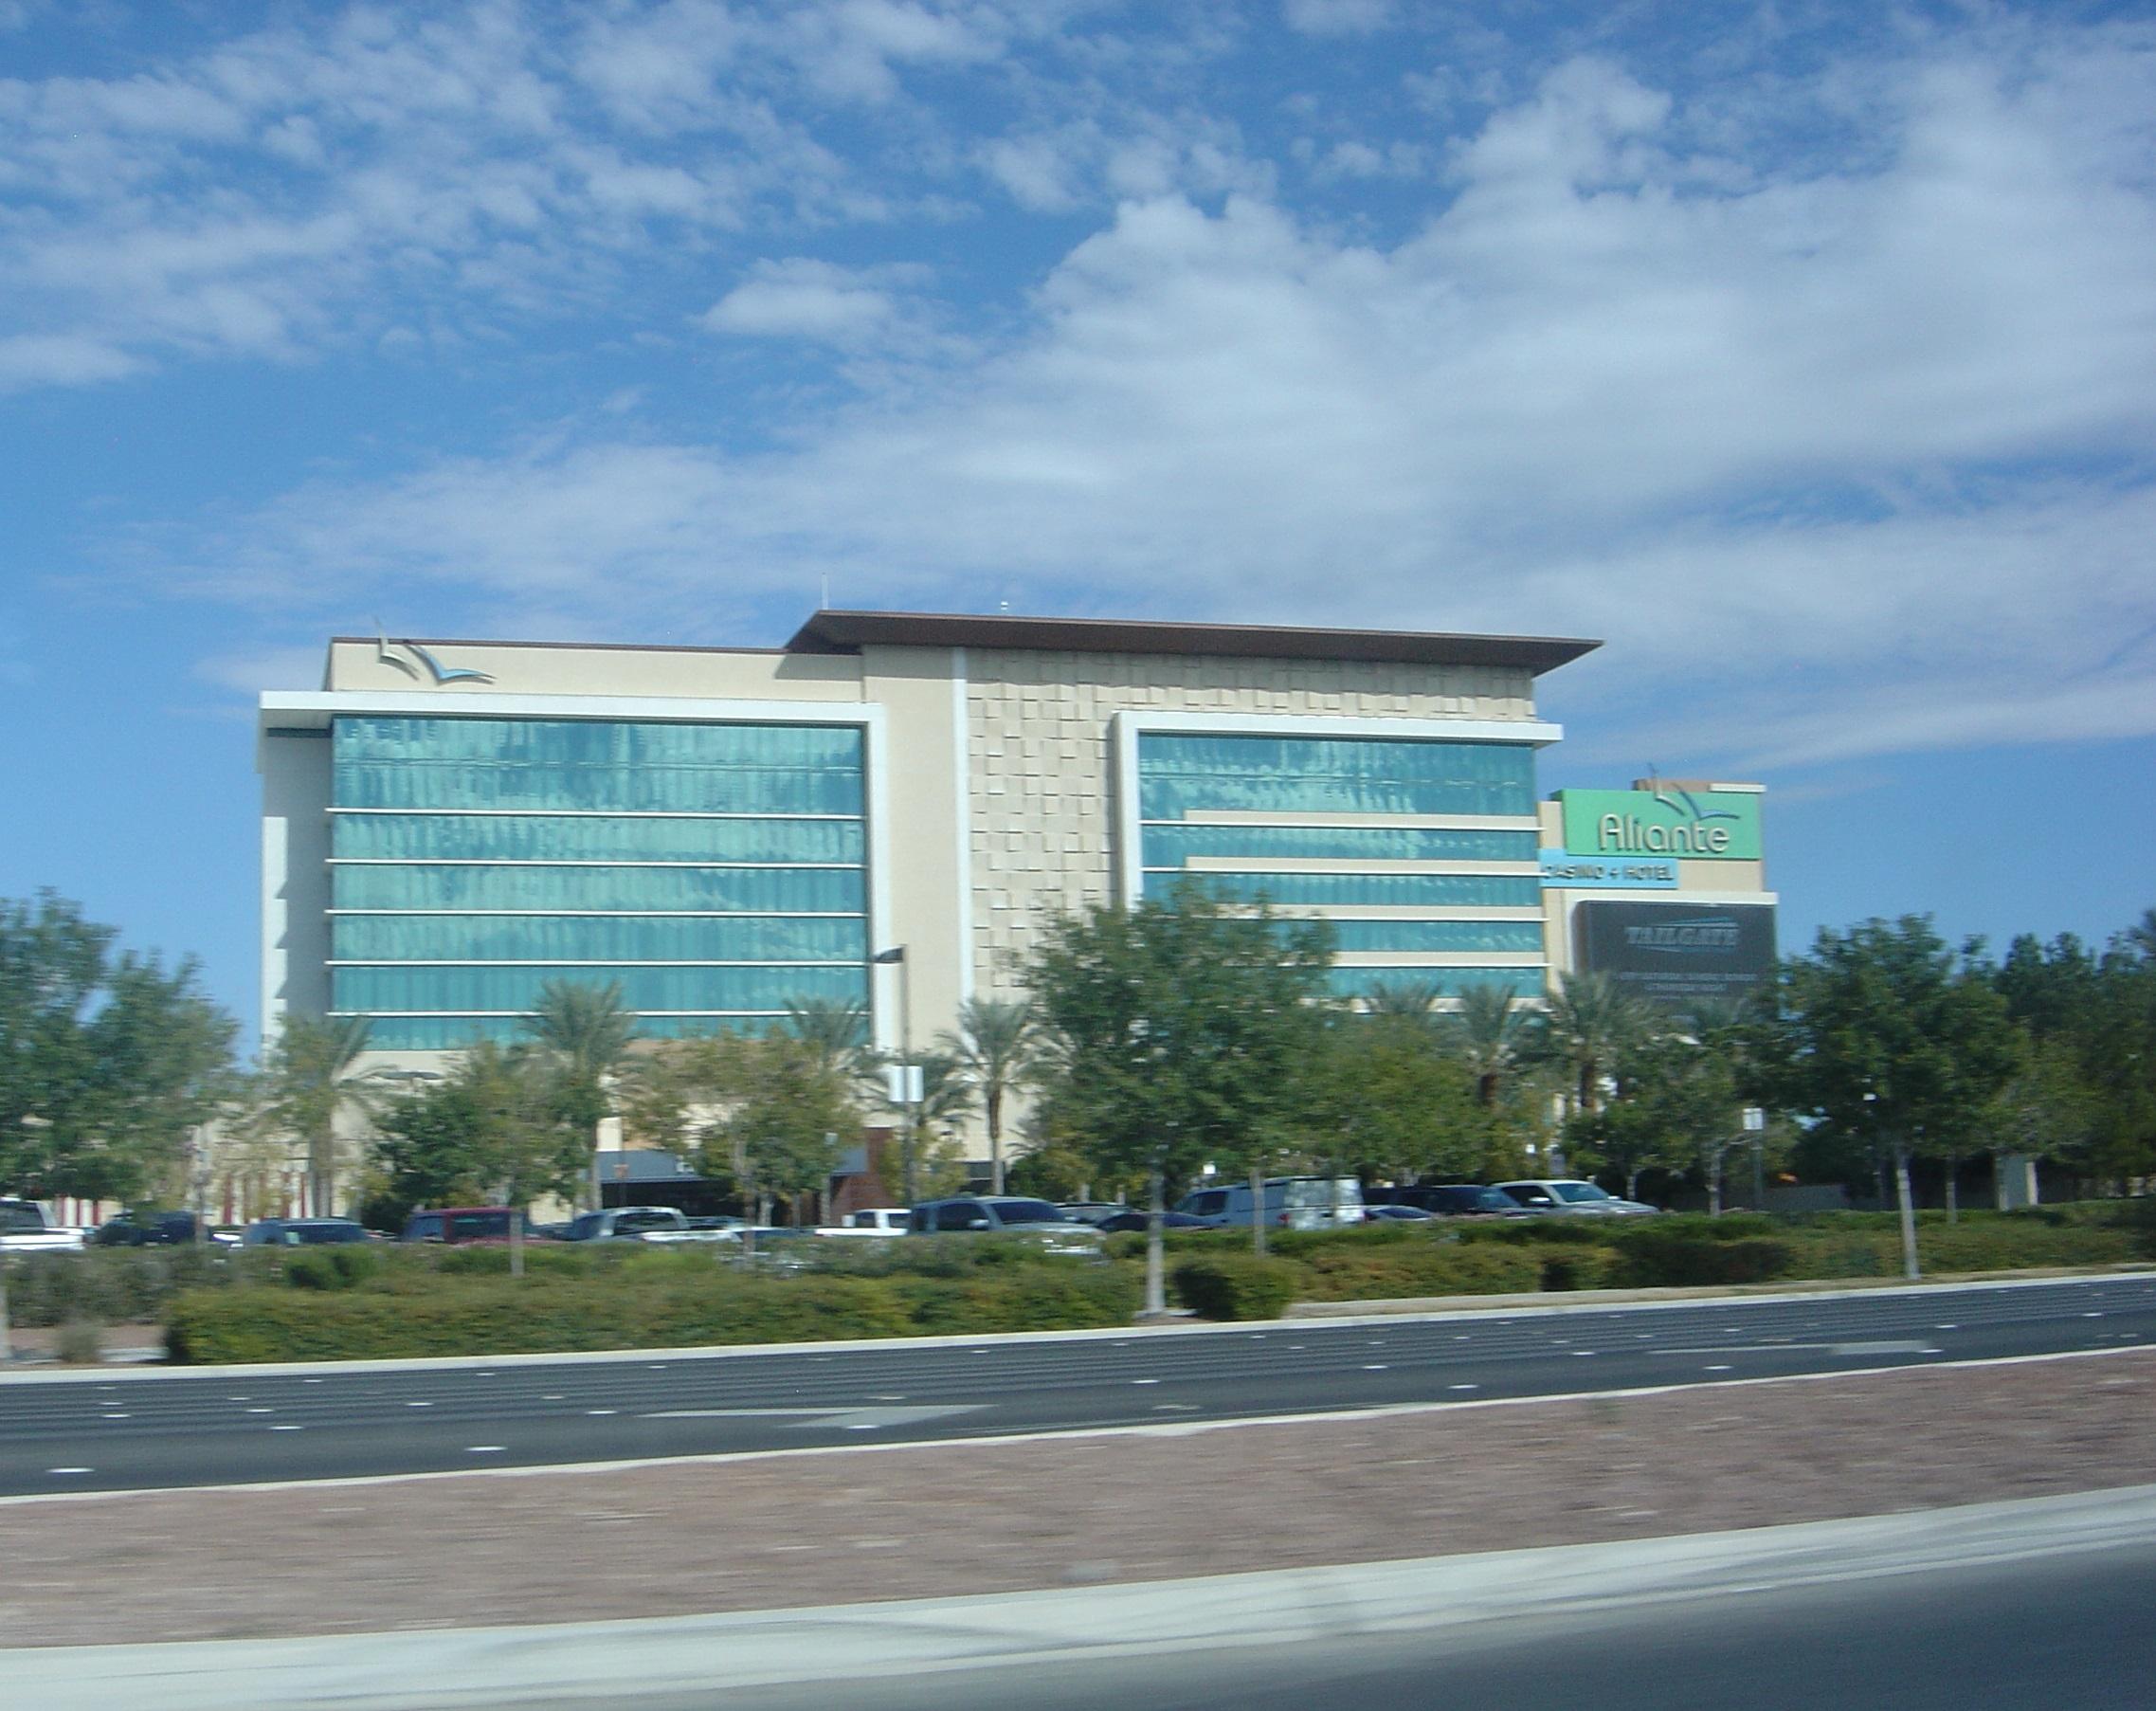 aliante stations casino